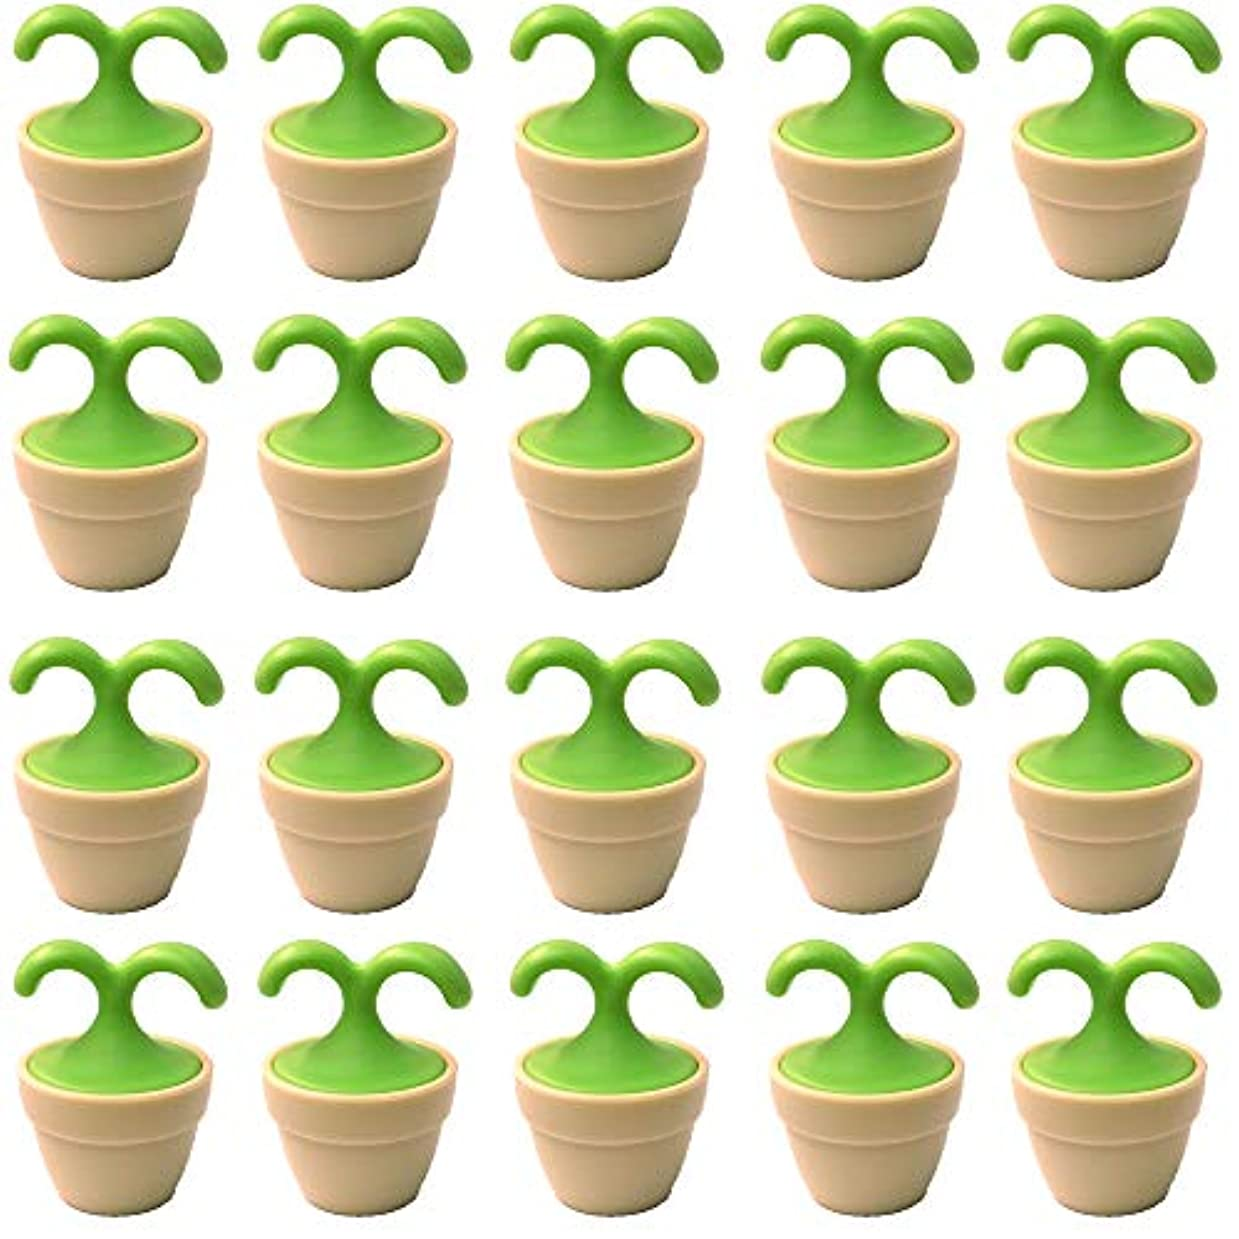 ボタン瞬時にまっすぐにする植木鉢コロコロマッサージャー 20個入り 退職転勤お礼プチギフト 専用ボックス入りラッピング サンキューシール付き(20個入り)